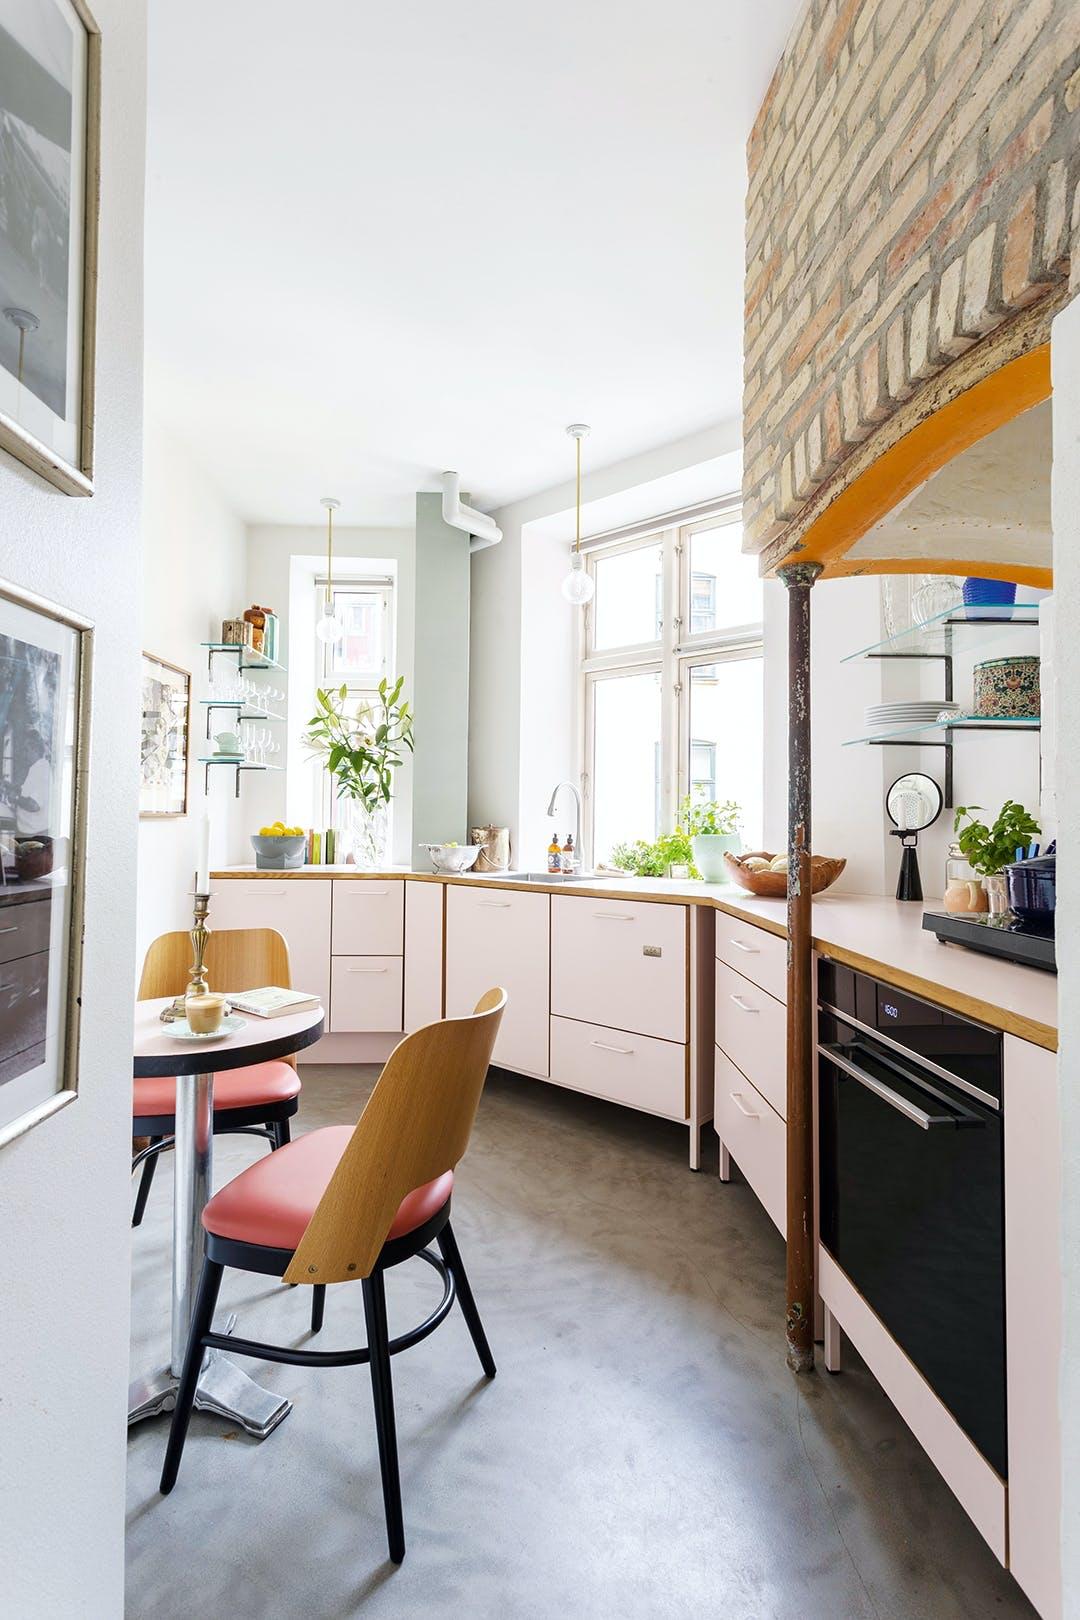 Køkken mursten lyserød vintage ildsted pendel